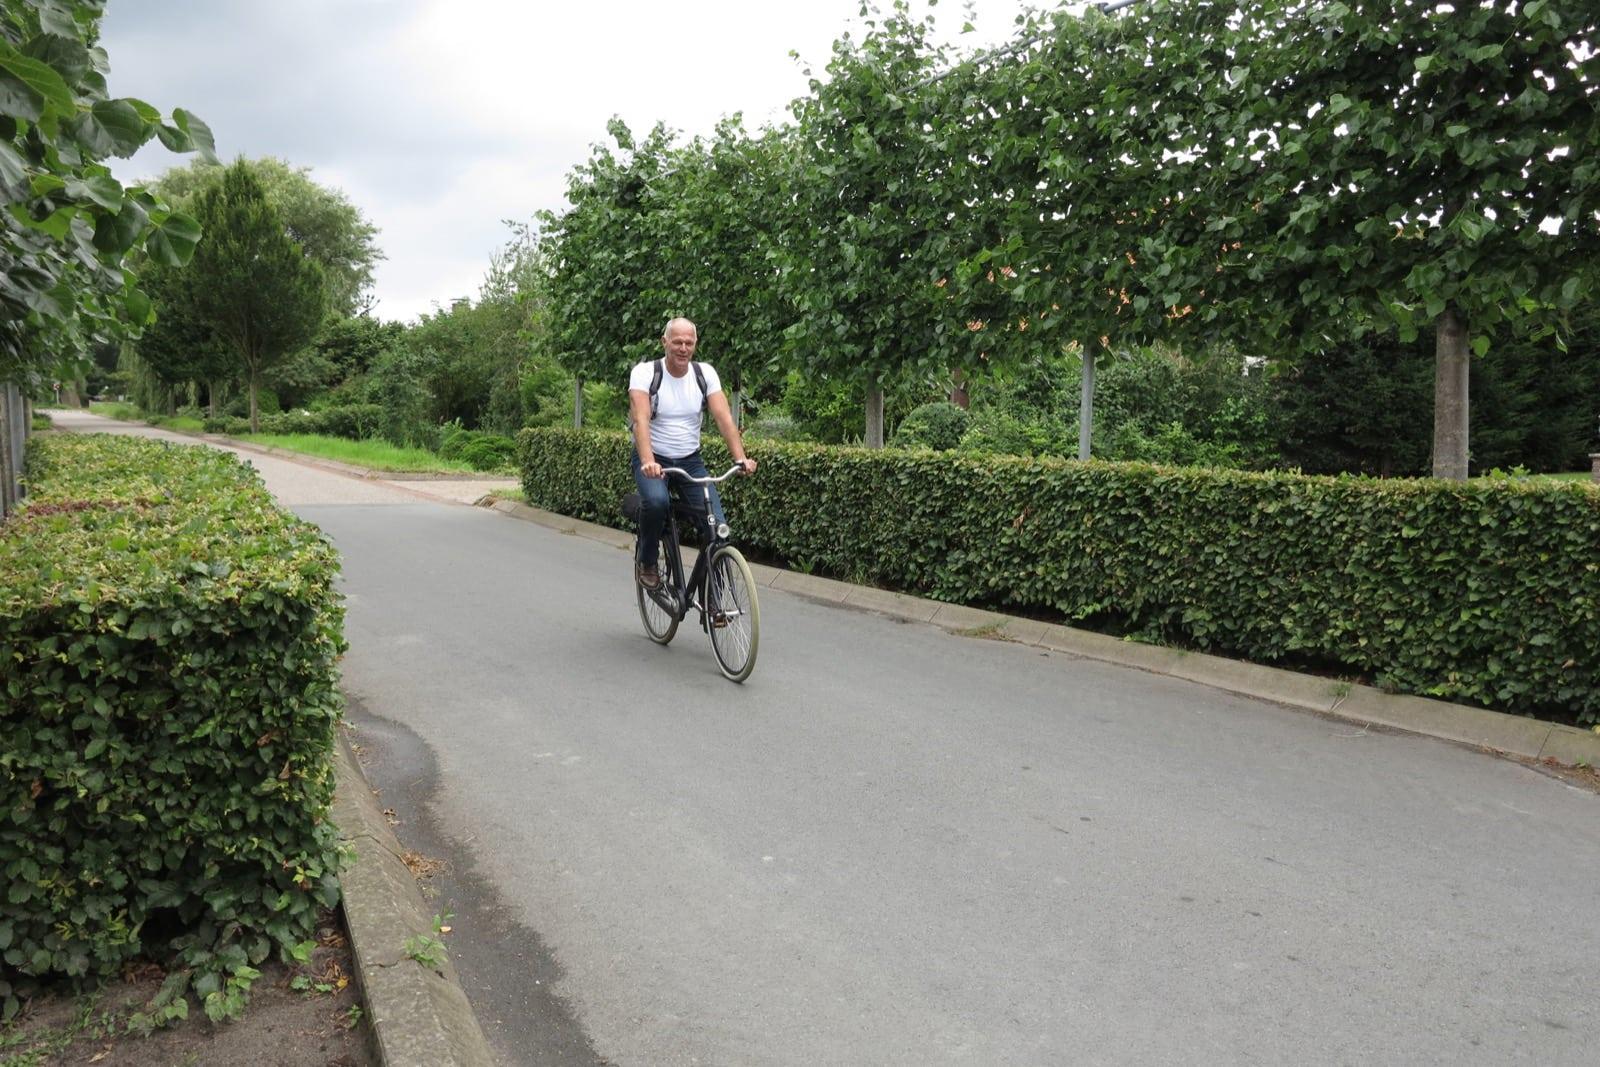 et-fiets-en-fietser-56-geerle-vd-veen-oi.jpg